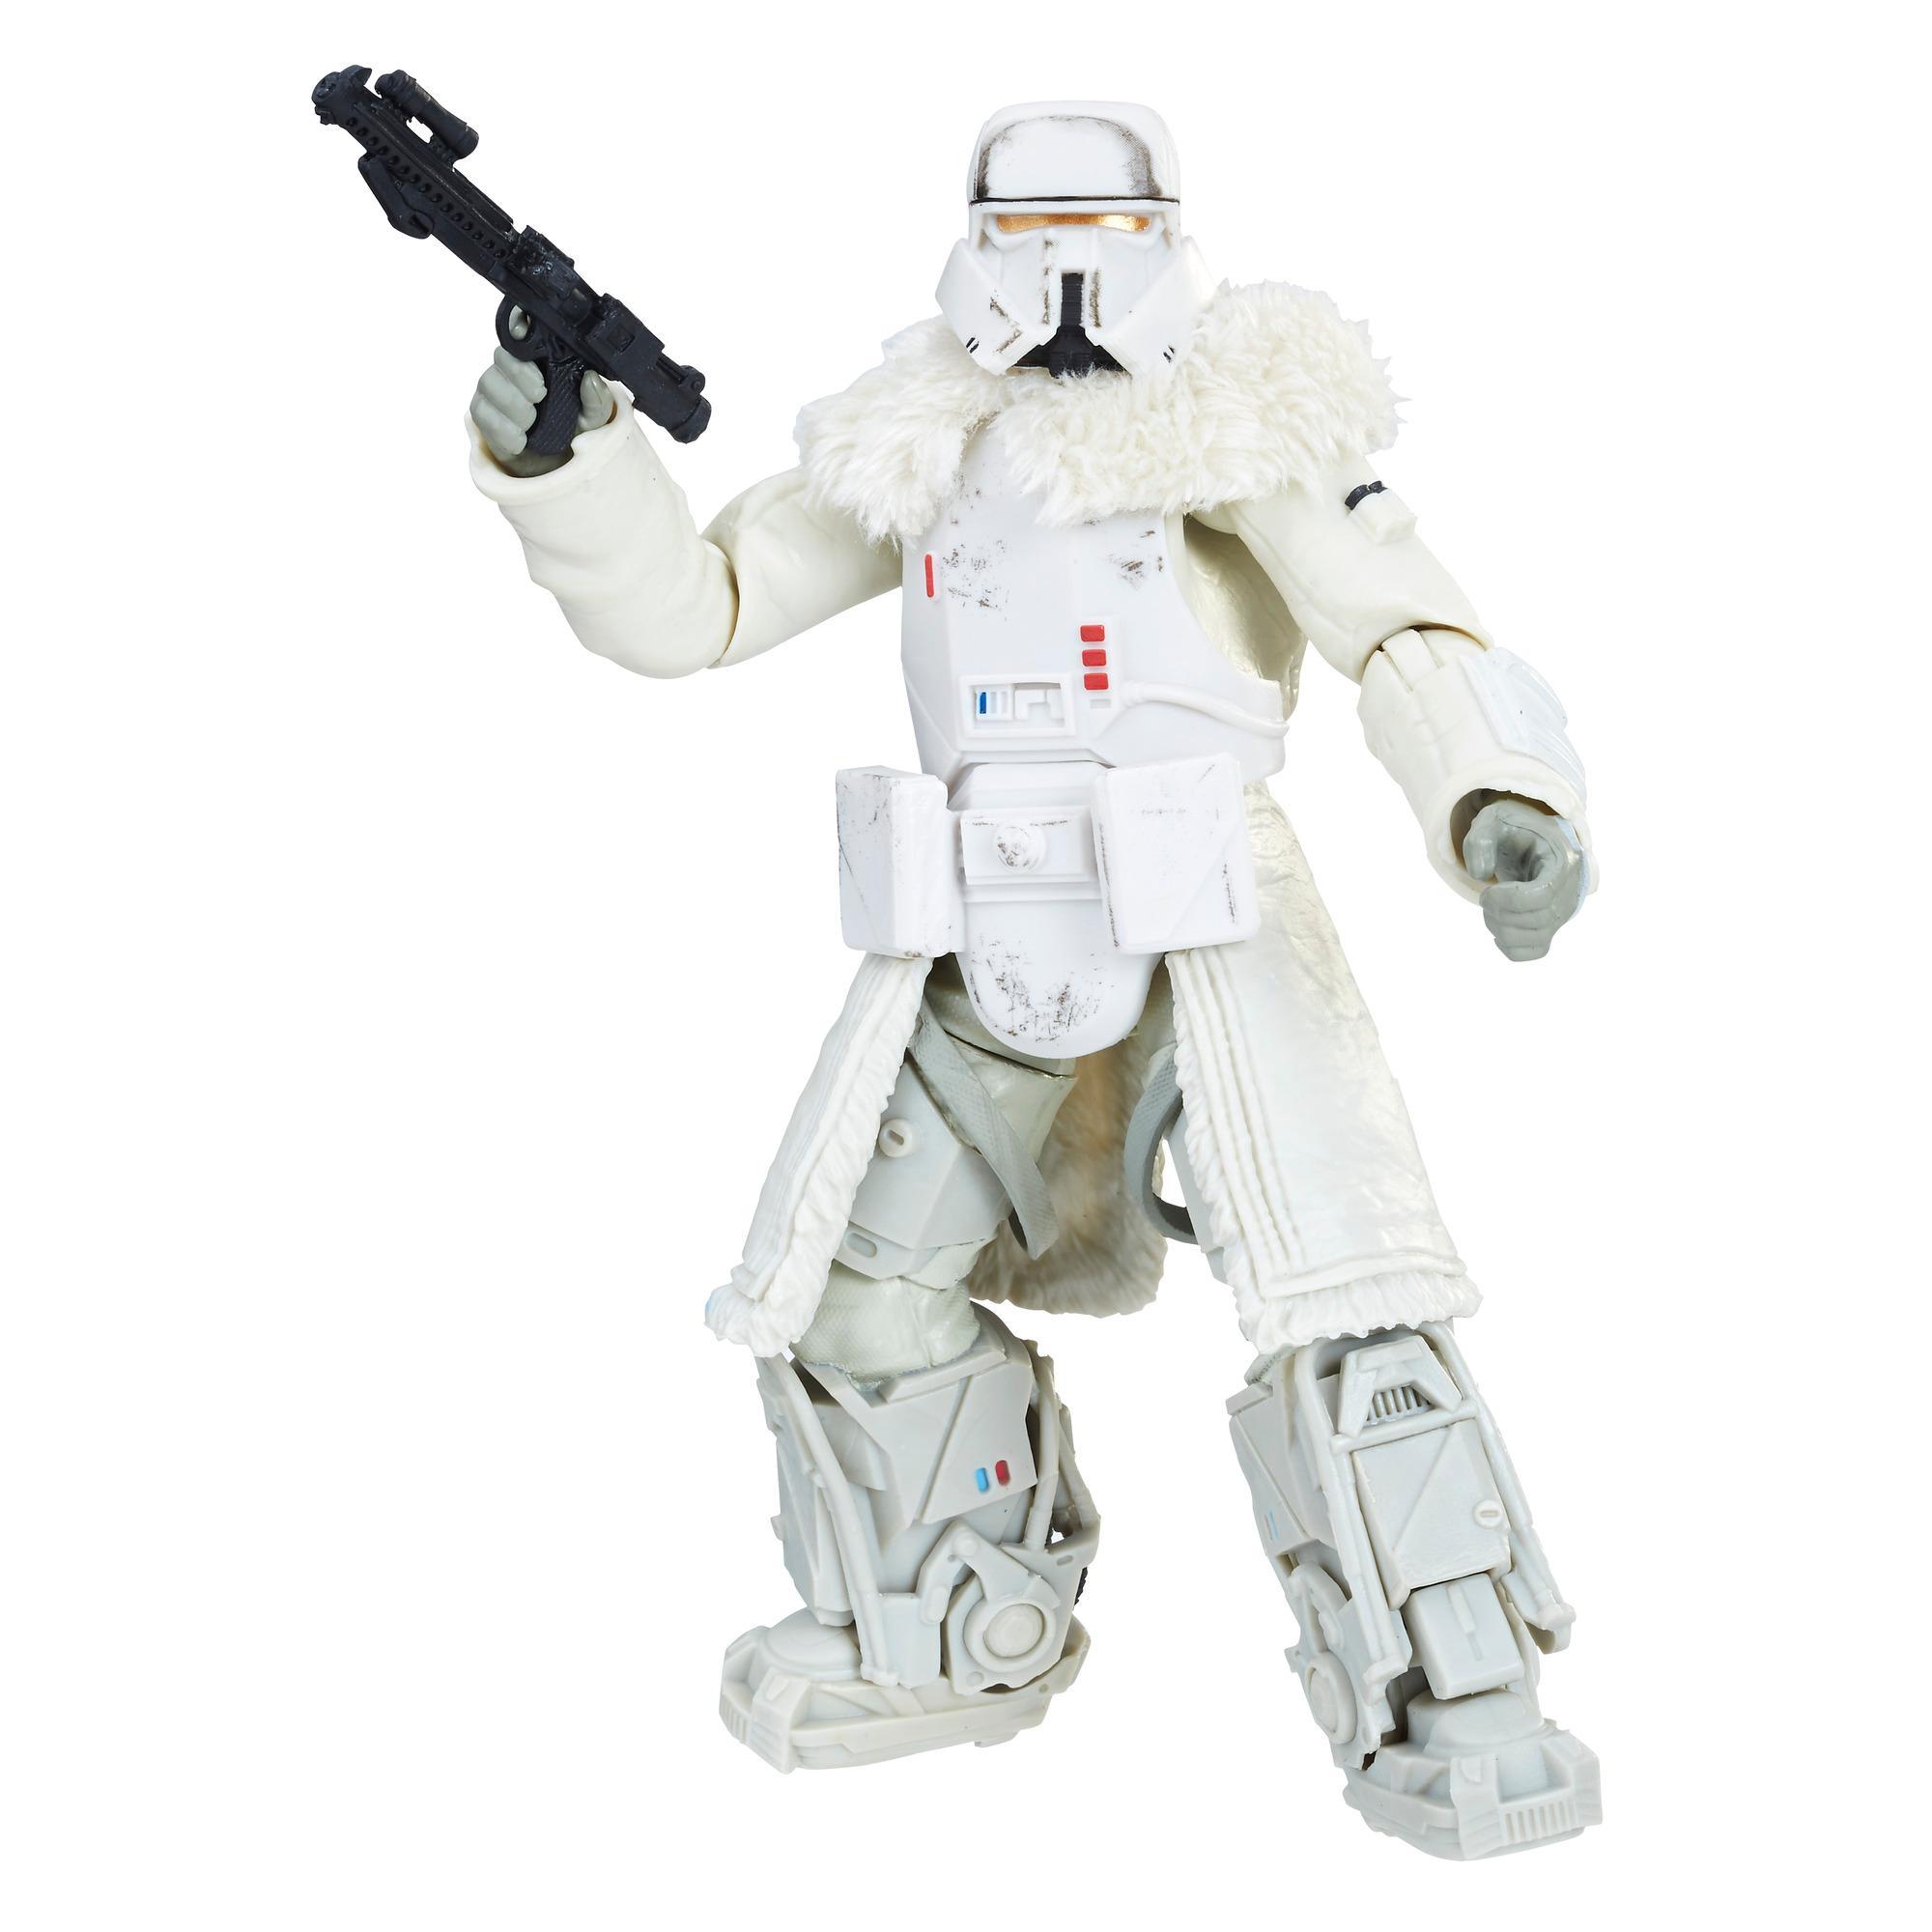 Star Wars Black Series 6 Inch Range Trooper Figur